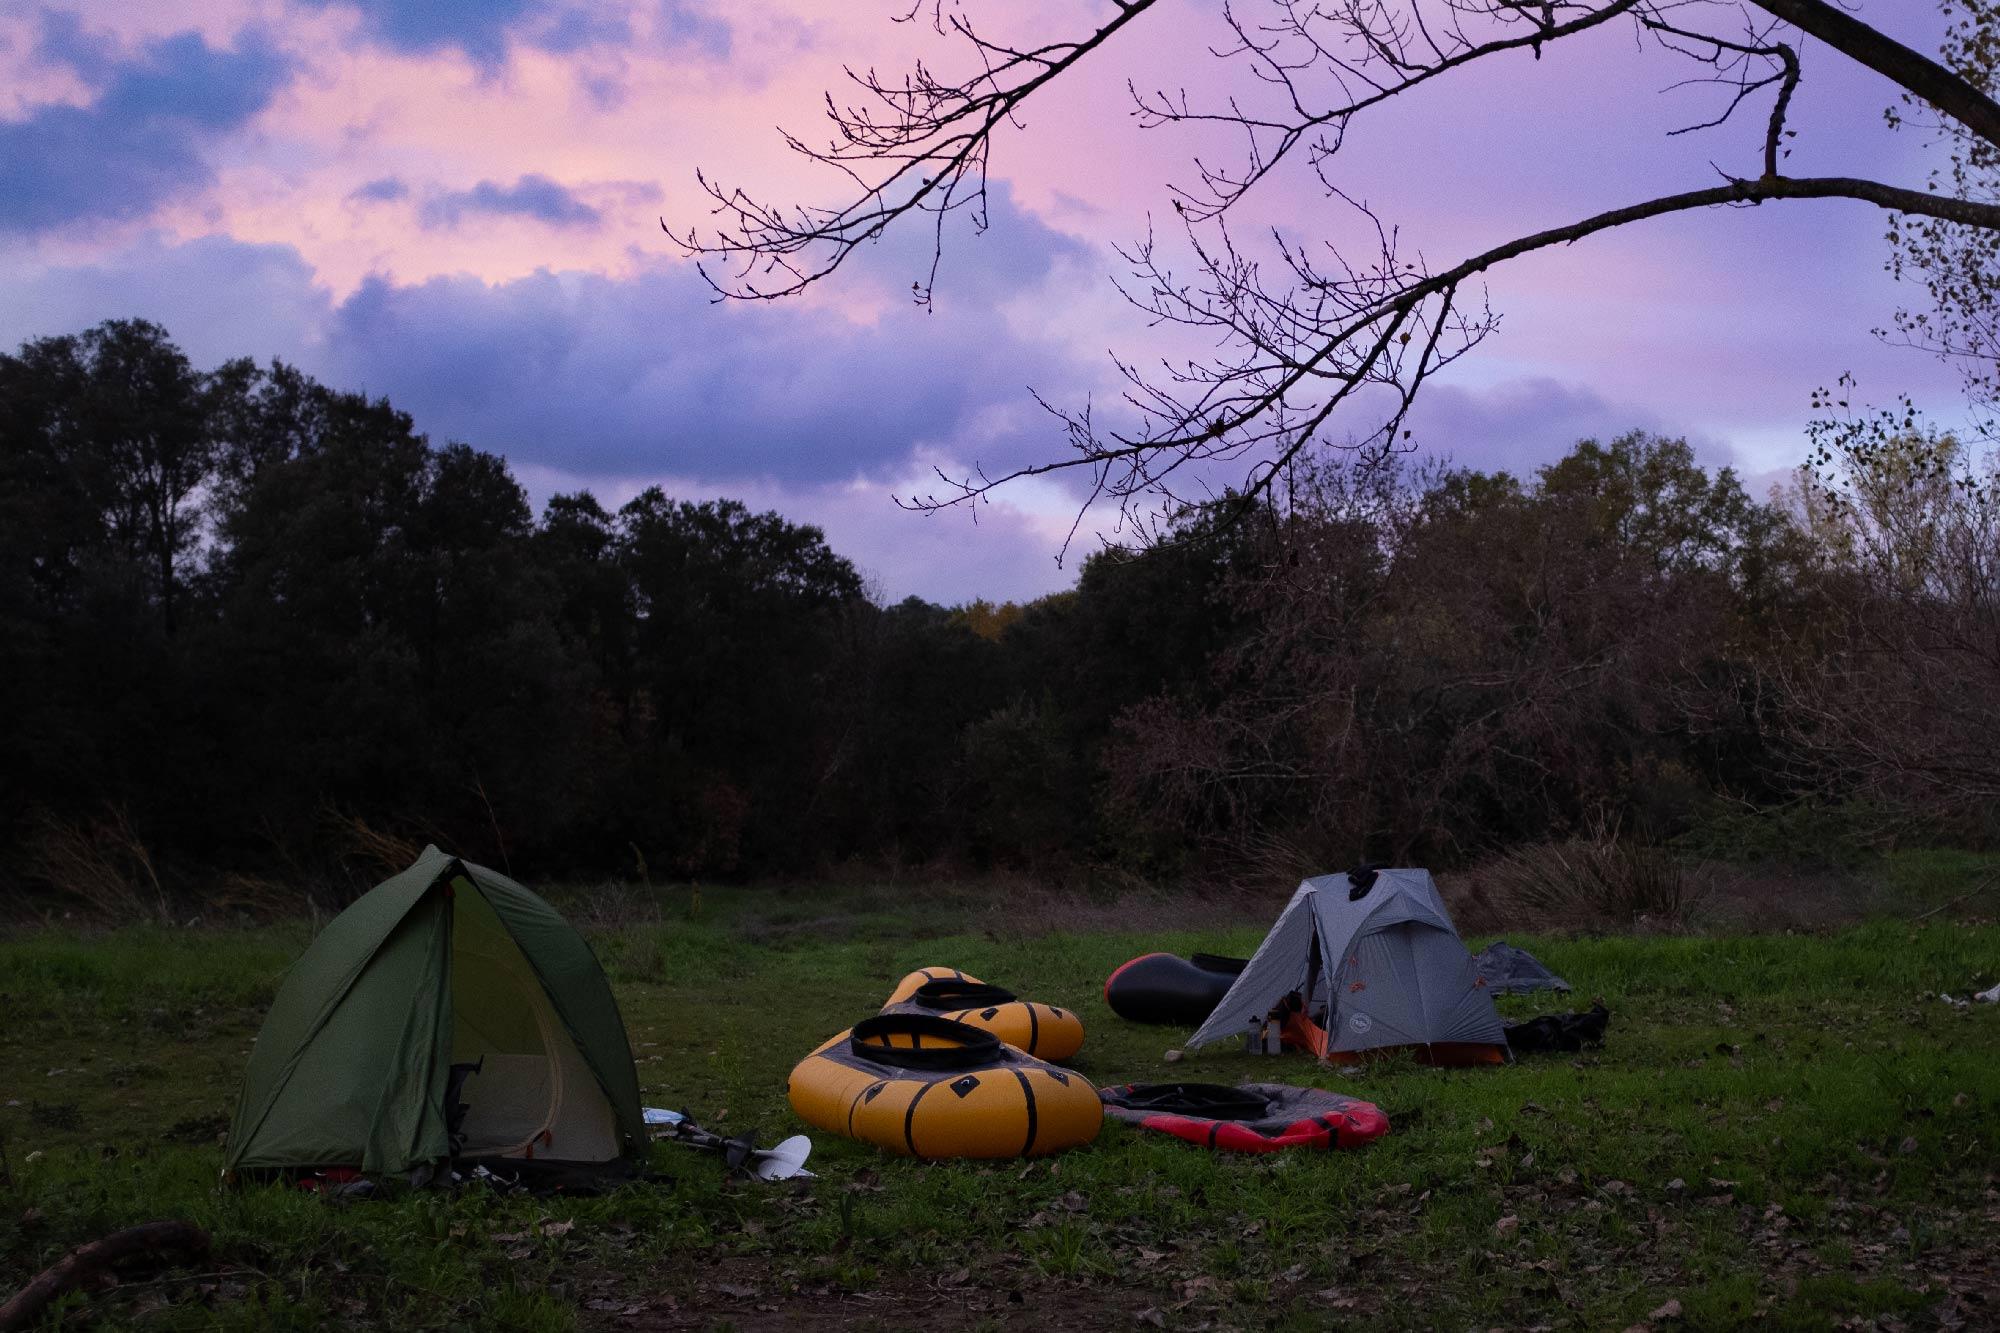 bivouac 2 tentes avec 2 packrafts gonflés